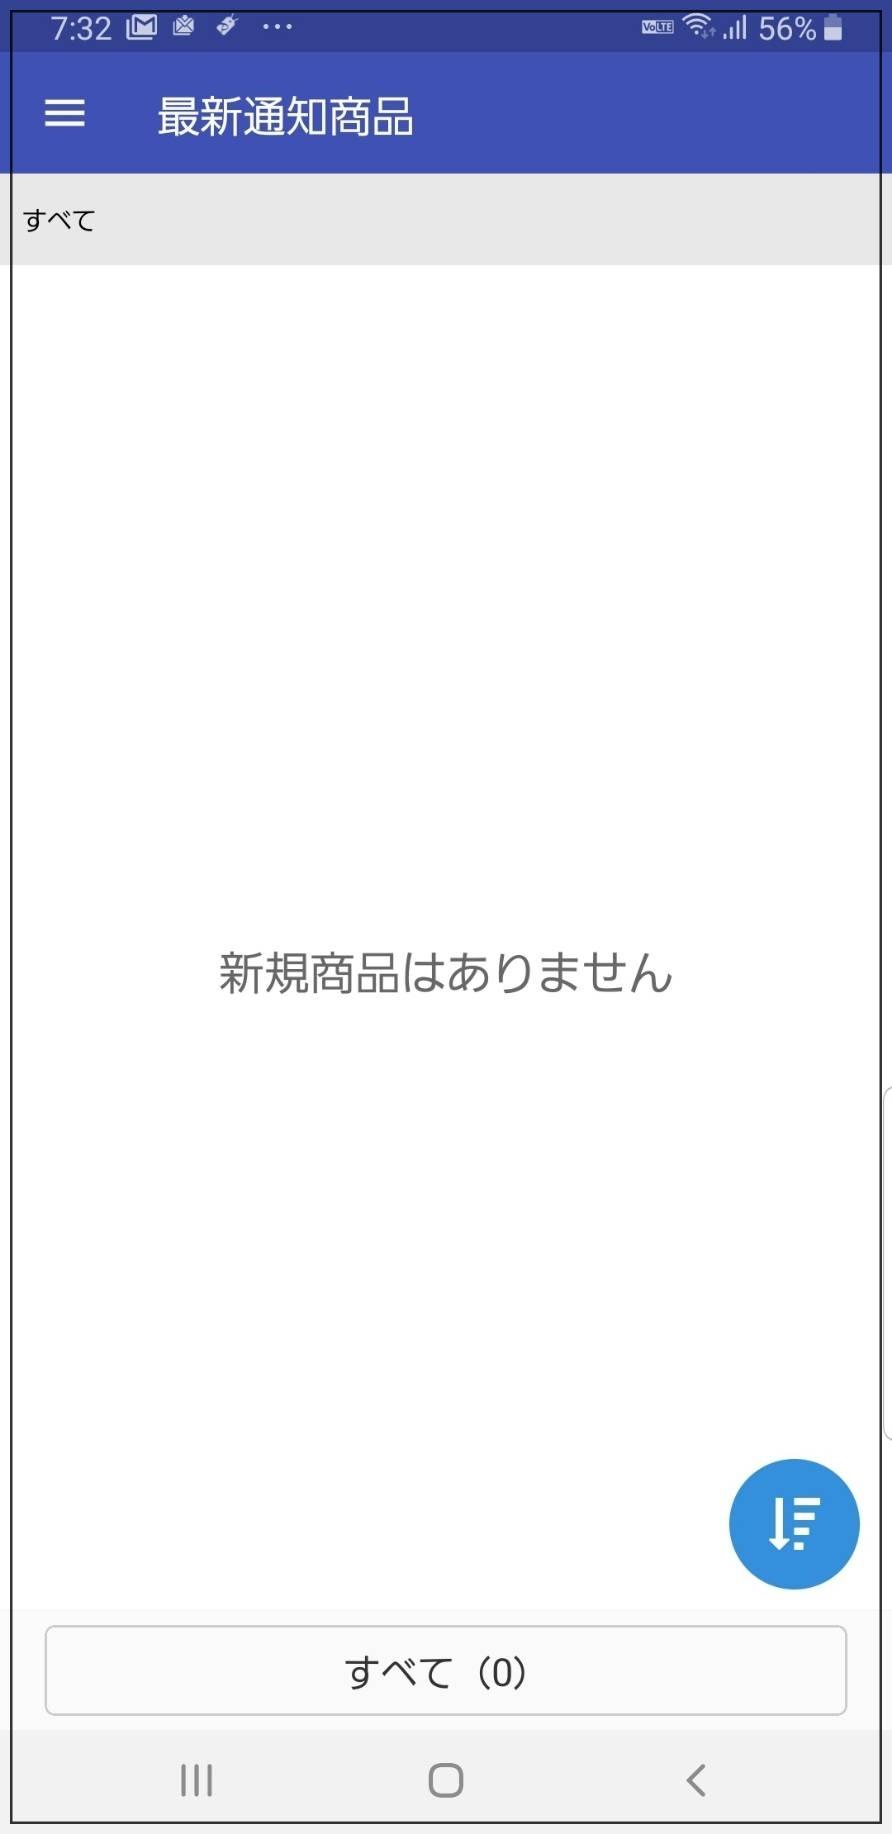 ポケットデータベーススマホアプリ